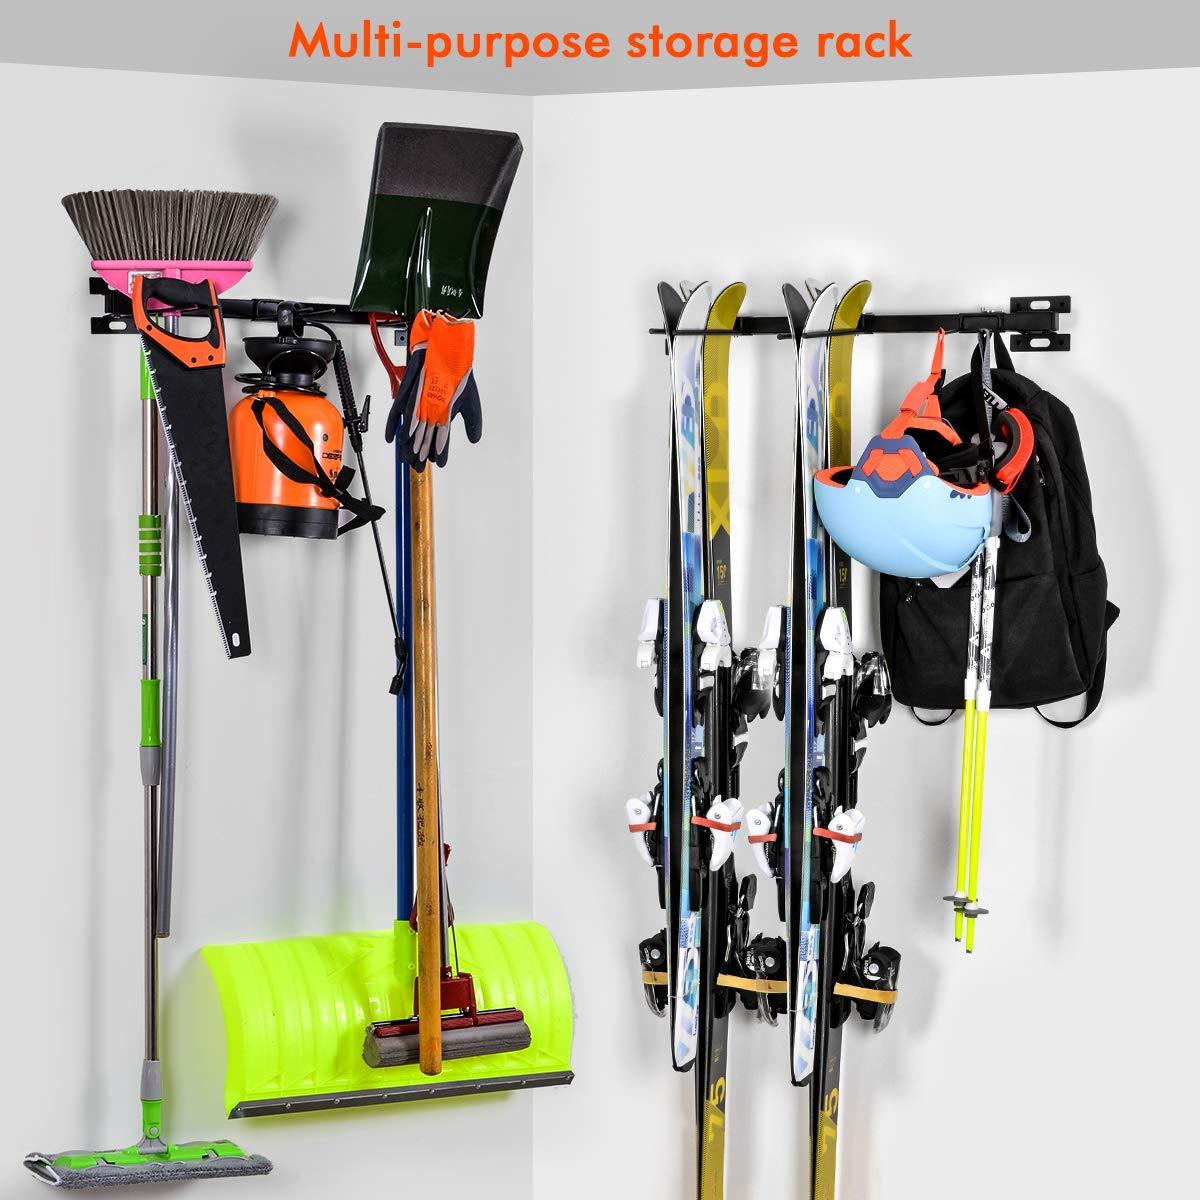 ElevenII Ski Wandhalterung Snowboardständer Für die Lagerung von bis zu 10 Paar Skiern Lagergestell für Haus oder Garage, Farbe: Schwarz